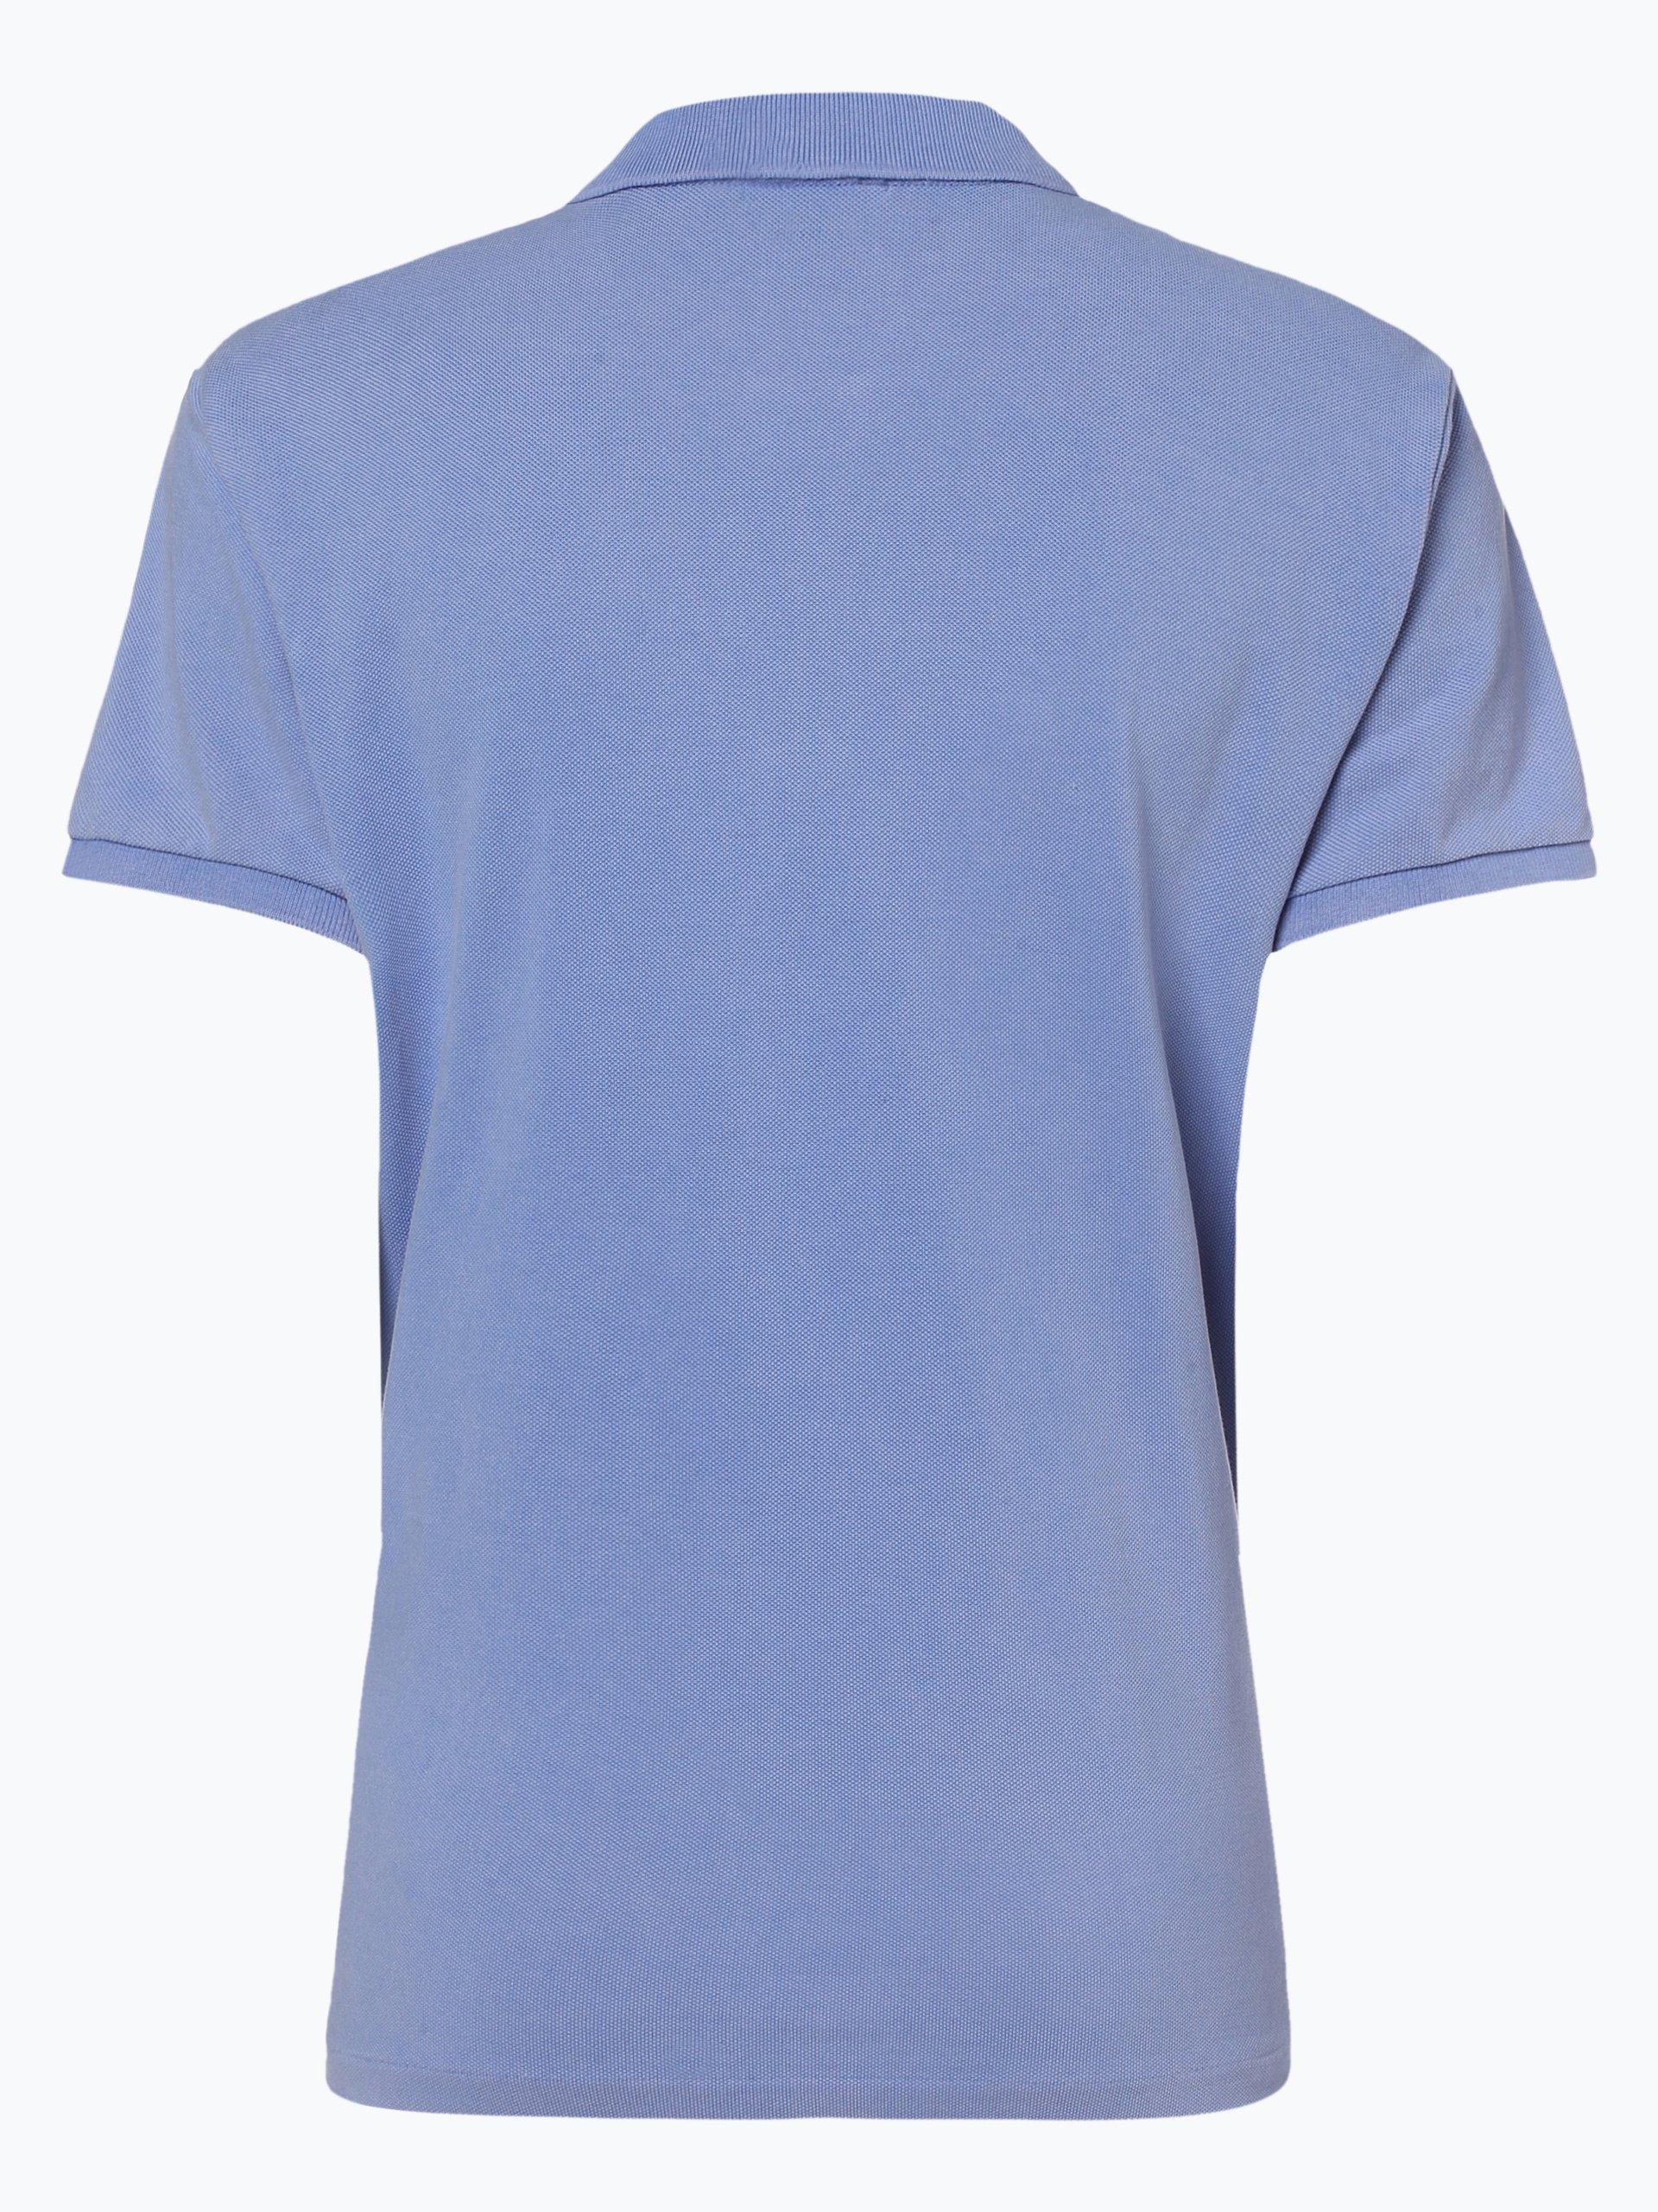 Polo Ralph Lauren Damen Poloshirt - Classic Fit